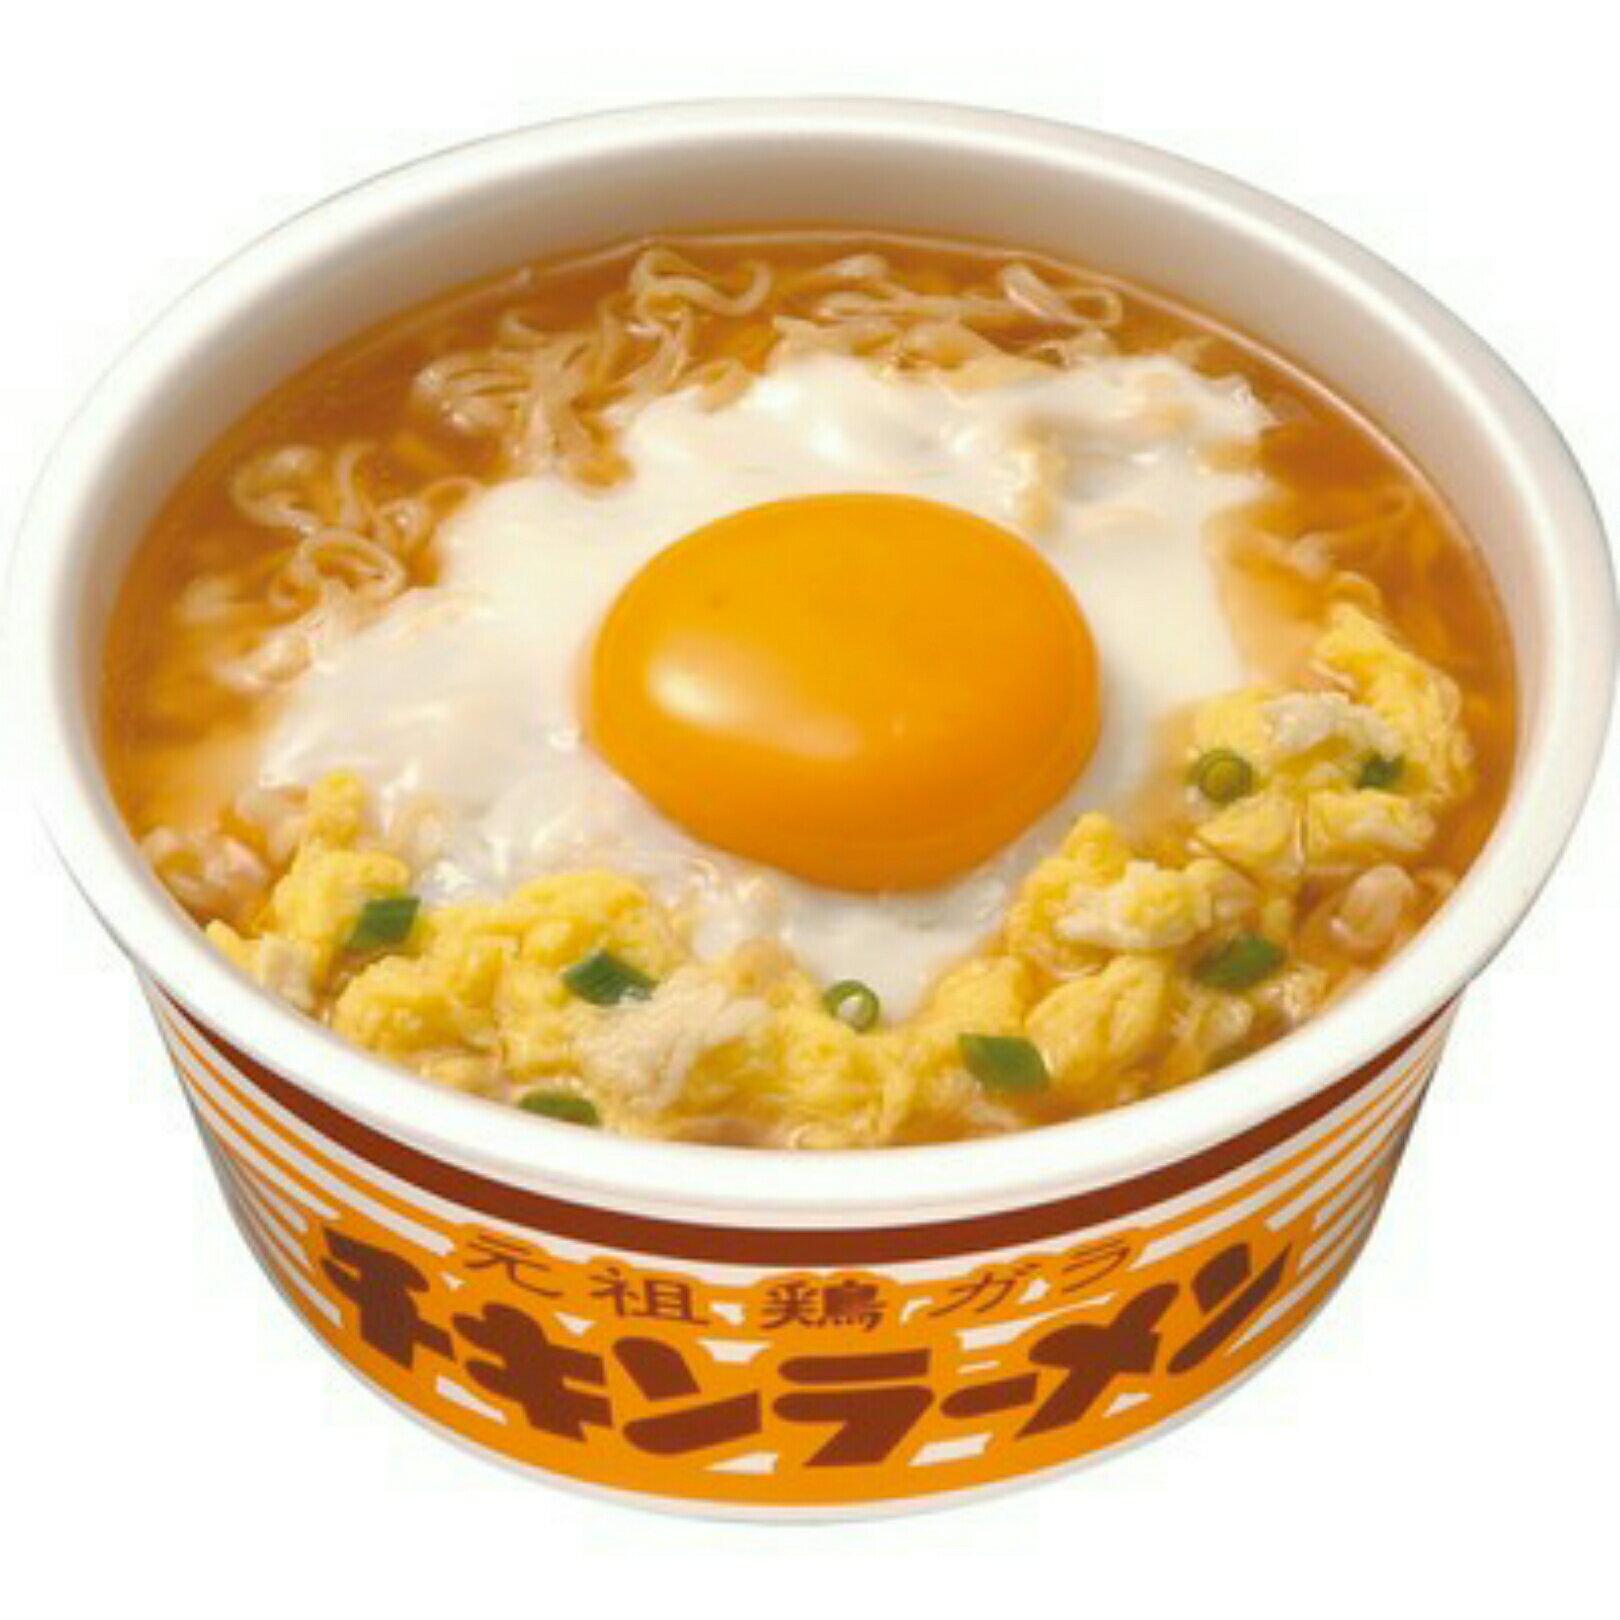 有樂町進口食品 日本旅遊必敗 暢銷經典NO.1 日清元祖雞碗麵 4902105002605 0